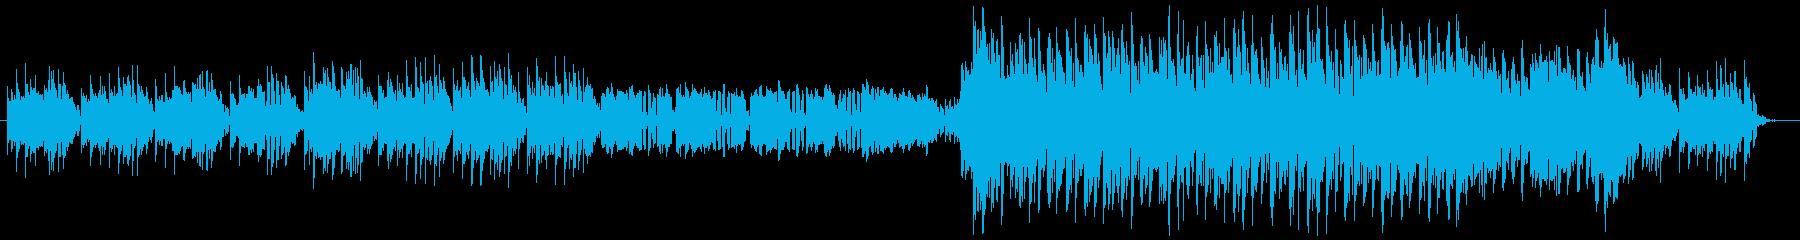 氷と雪国イメージのエレピ×オーケストラの再生済みの波形